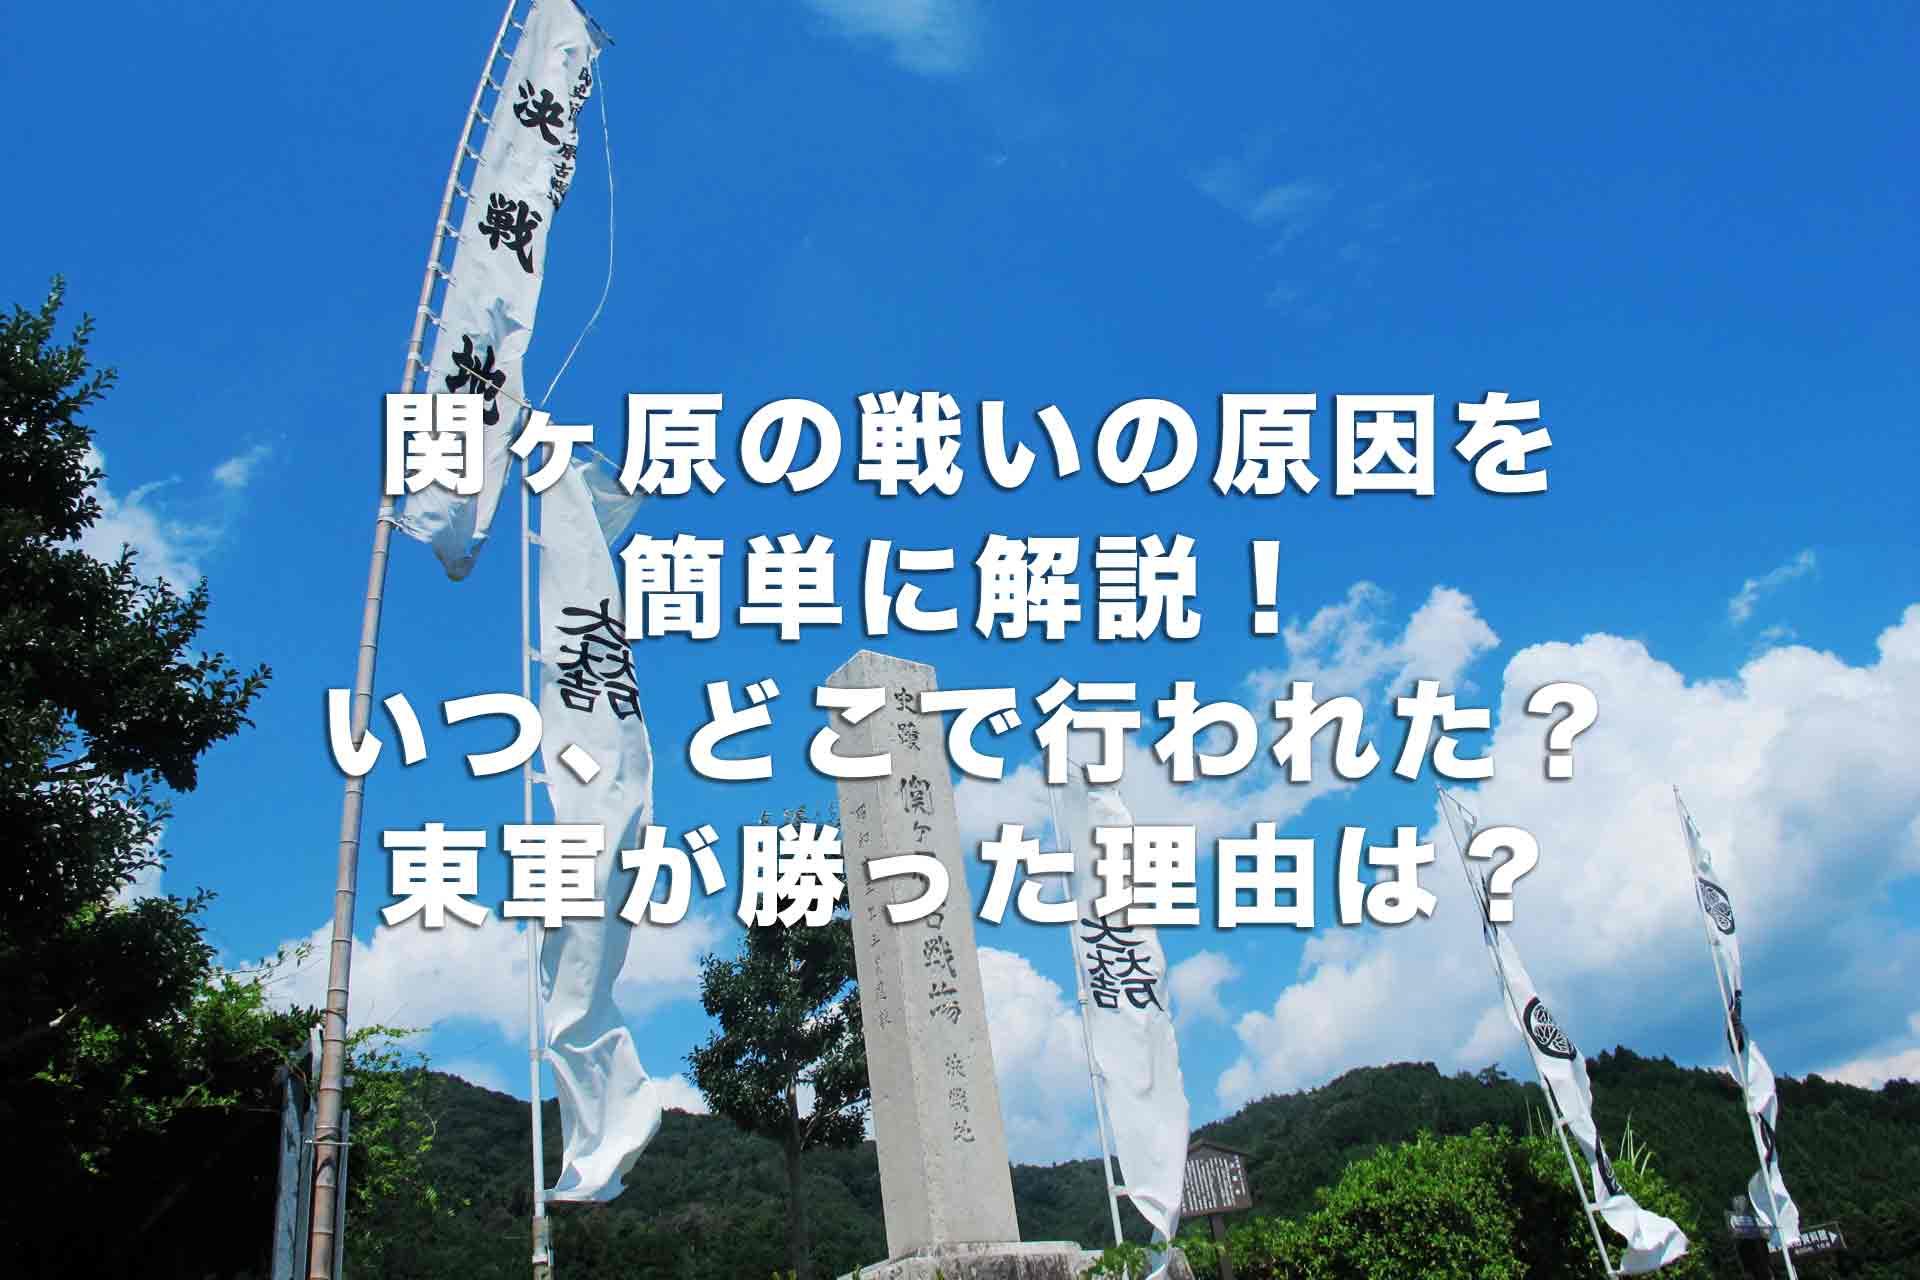 関ヶ原の戦いの原因を簡単に解説!いつ、どこで行われた?東軍が勝った理由は?